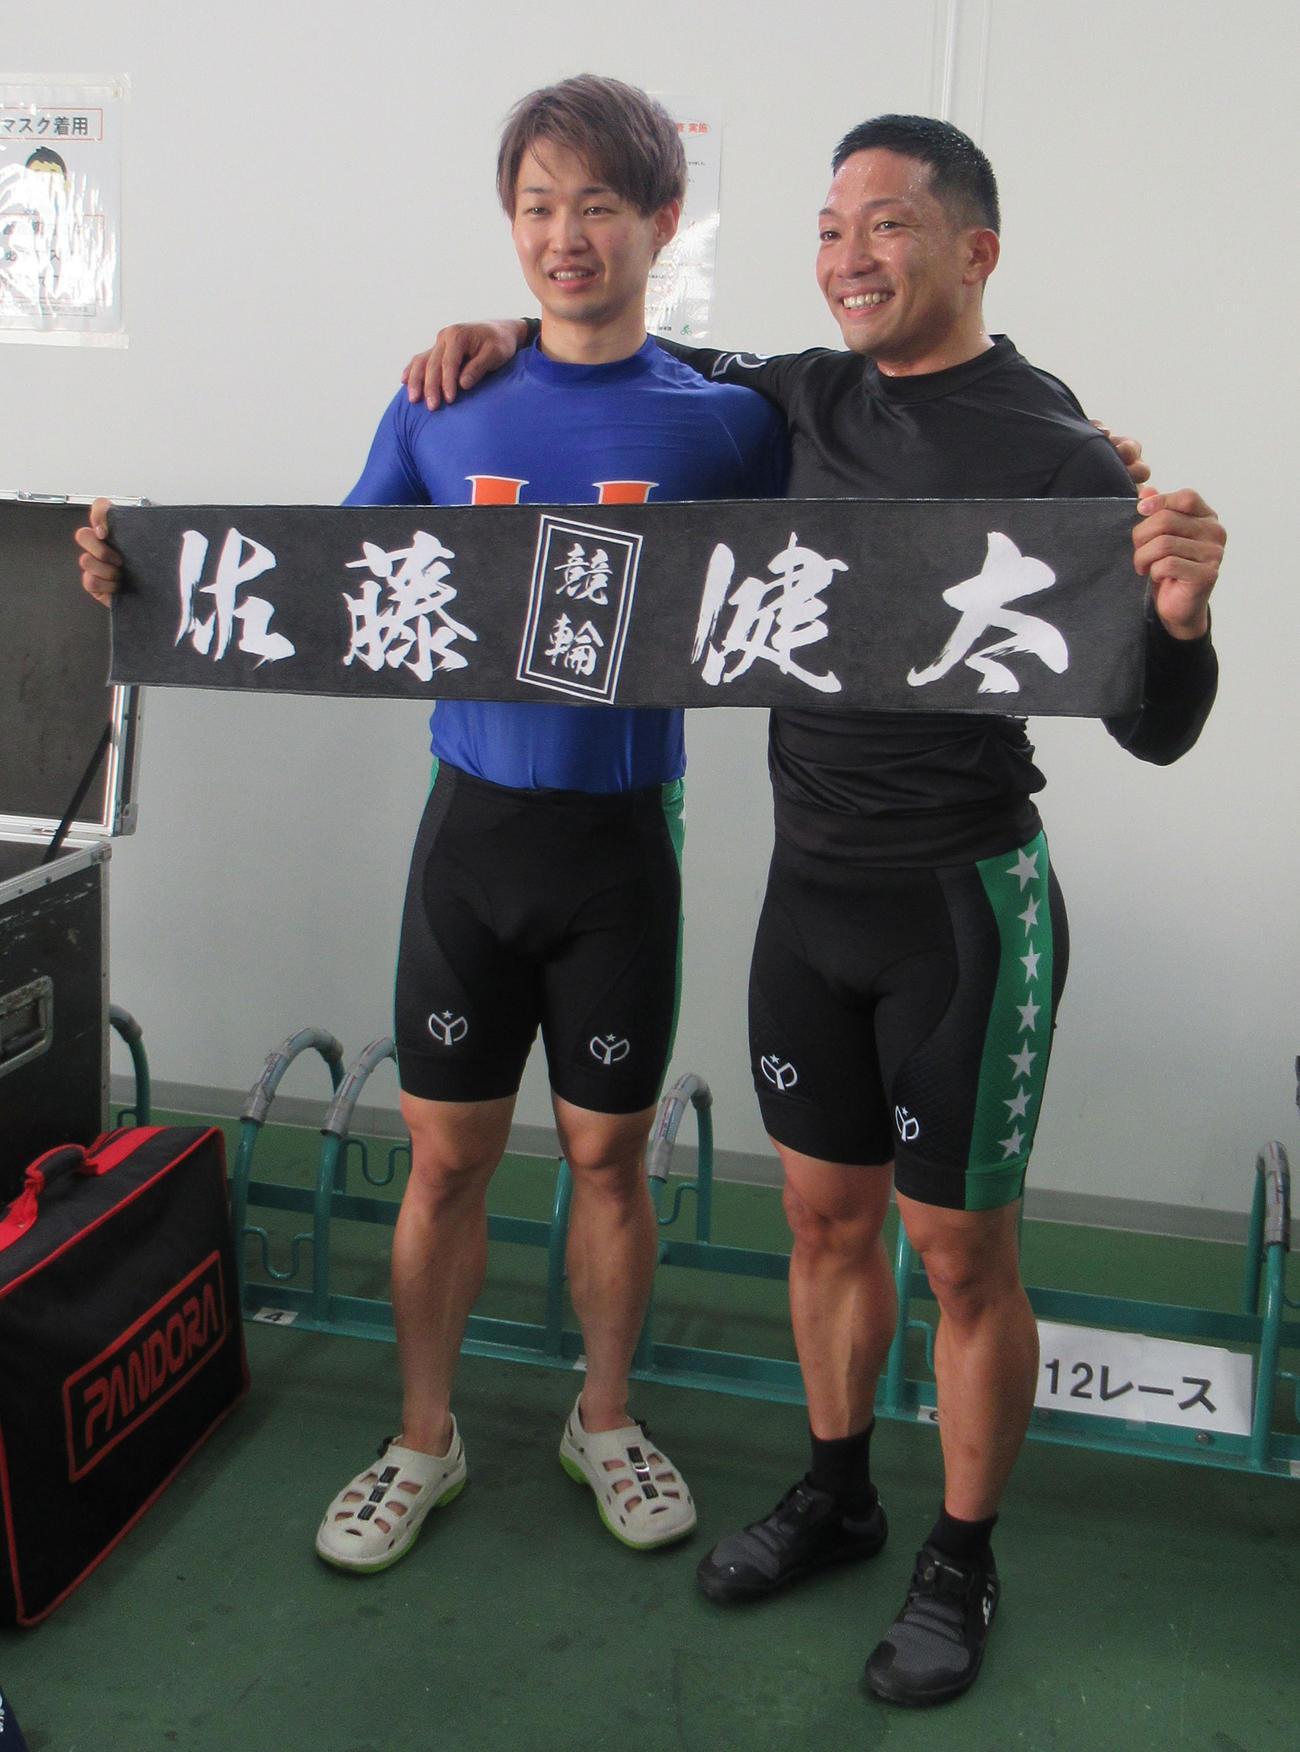 チャレンジ決勝を制した佐藤健太(右)は、2着の上野恭哉と喜びを分かち合う(撮影・岡田晋)